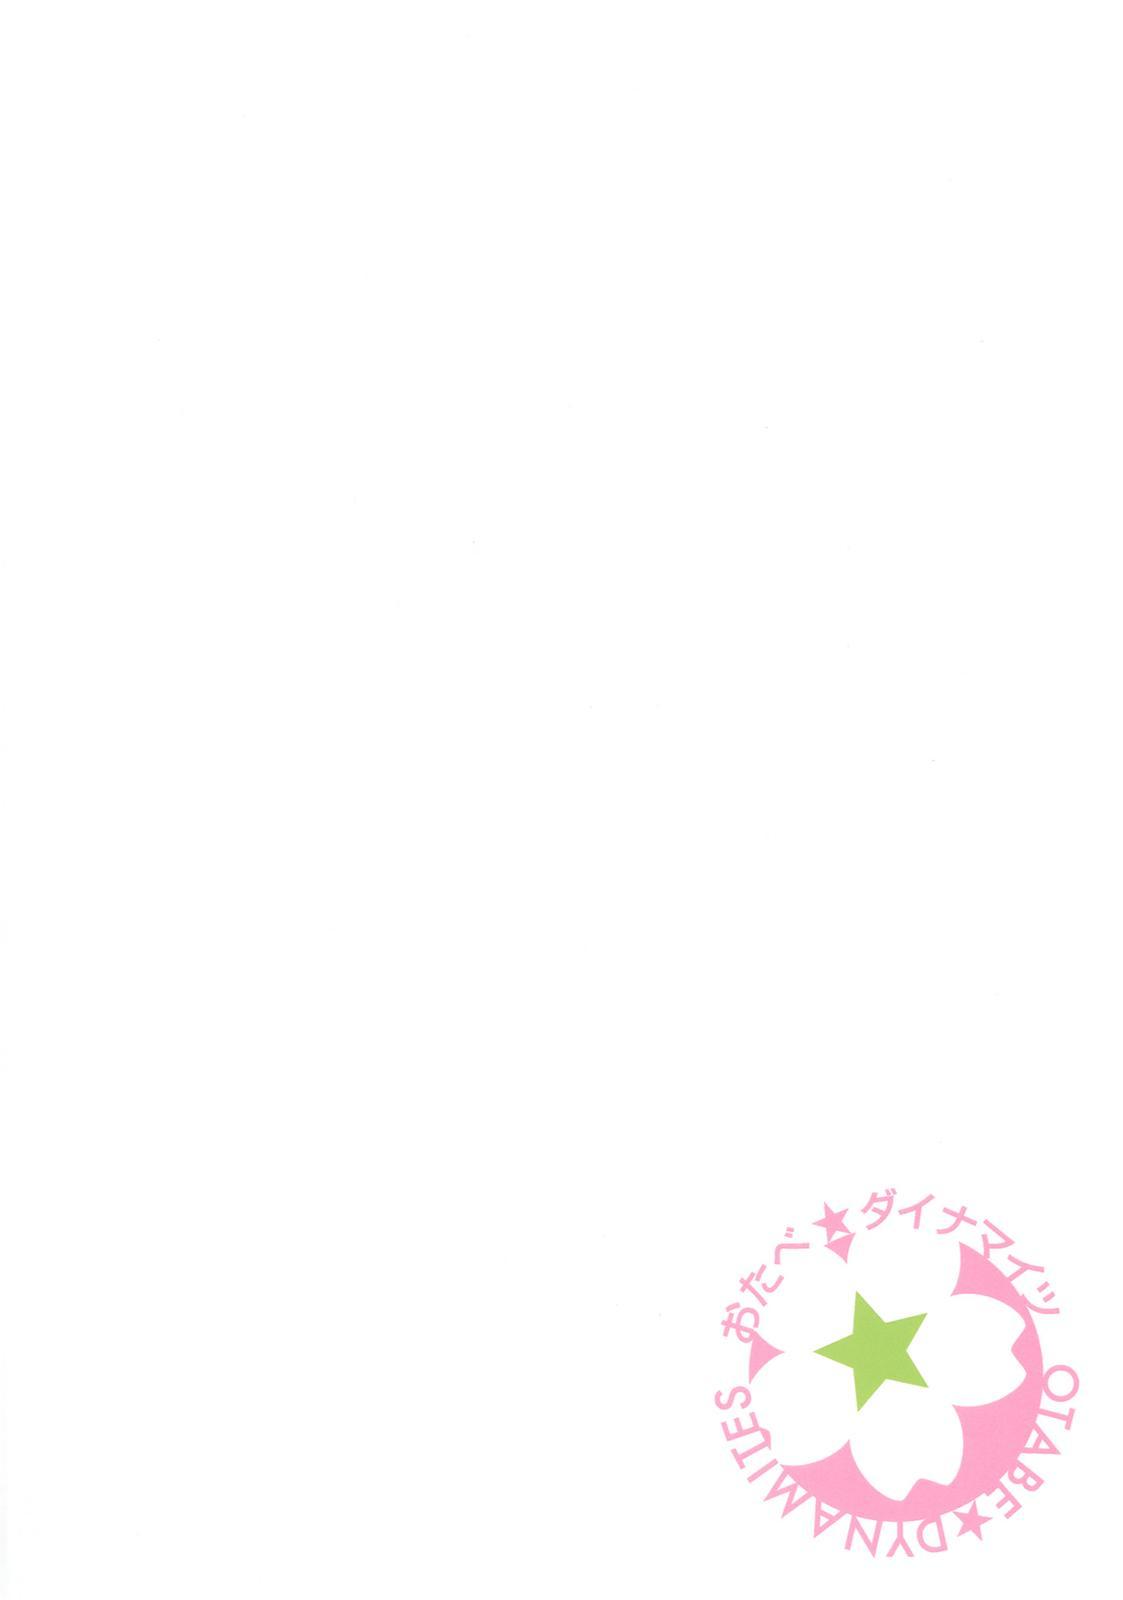 Teitoku no Doutei wa Akagi ga Oishiku Itadakimashita 16